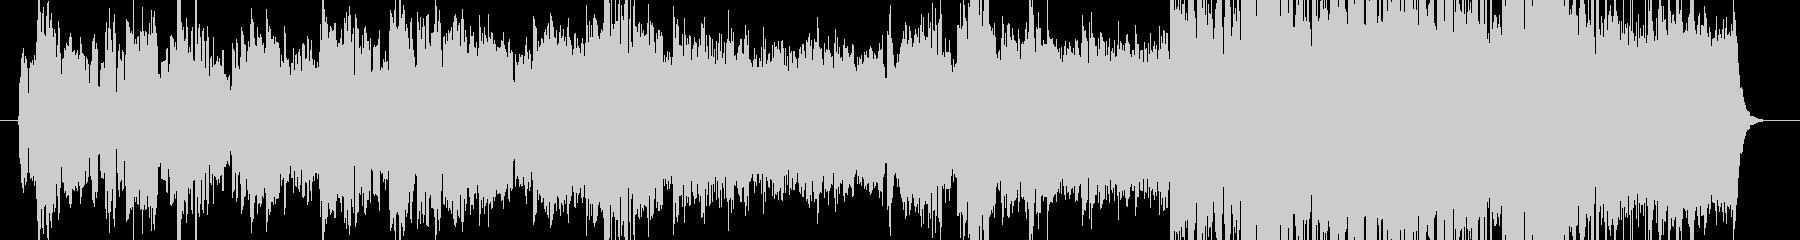 ゆったりとした和風BGMの未再生の波形